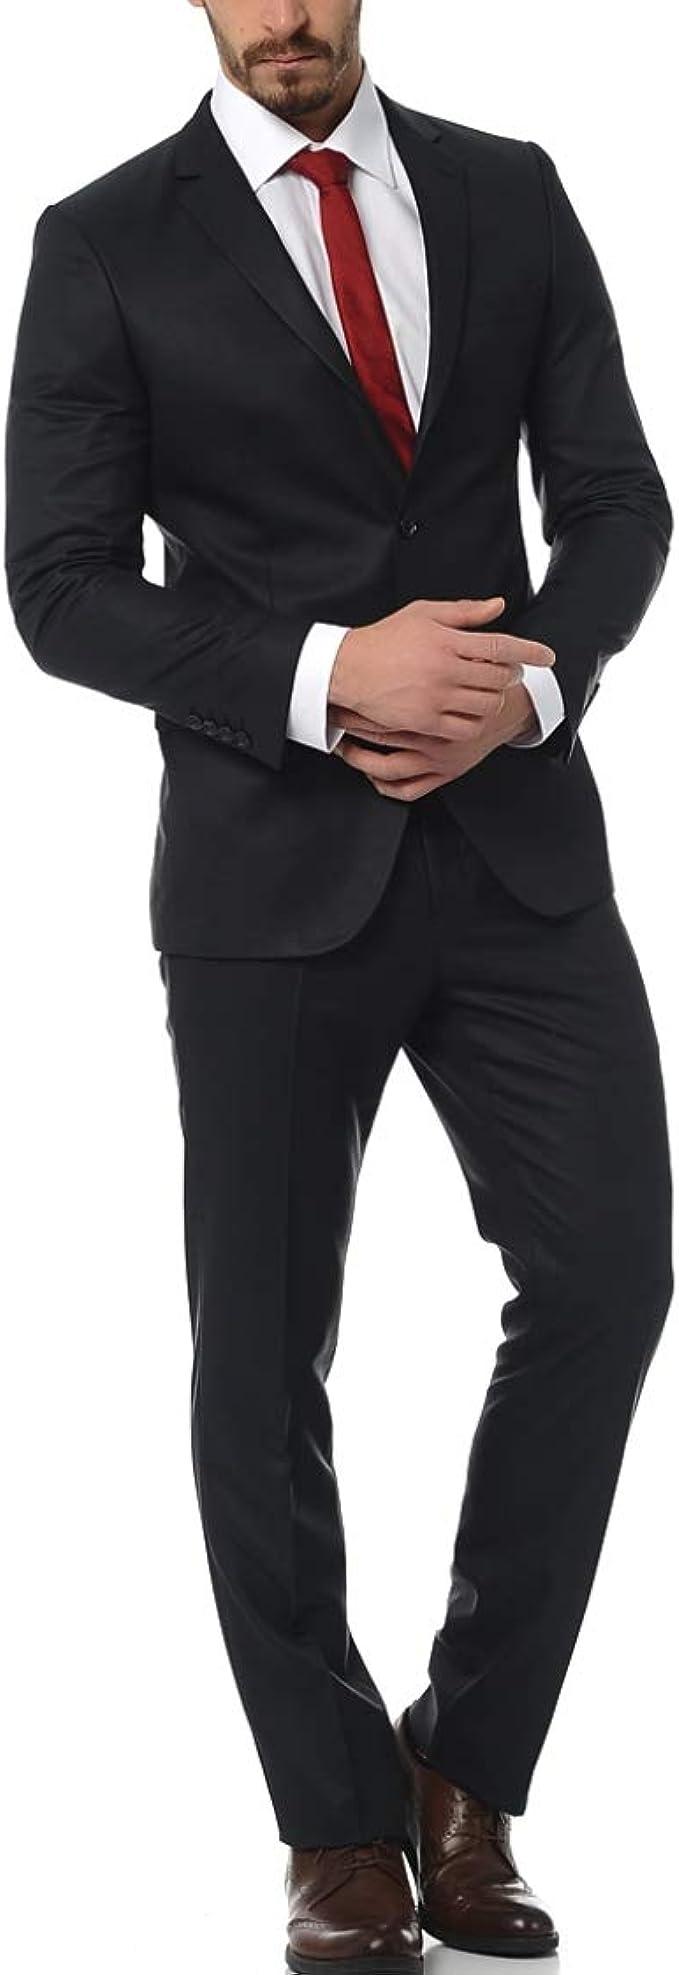 Anzug Herren Slim Fit 2 Teilig Sakko Knopfleiste Herrenanzug Modisch Schwarz Smoking Schlanker Anzugjacke Mit Anzughose Retro Jacke f/ür Business Hochzeit Party